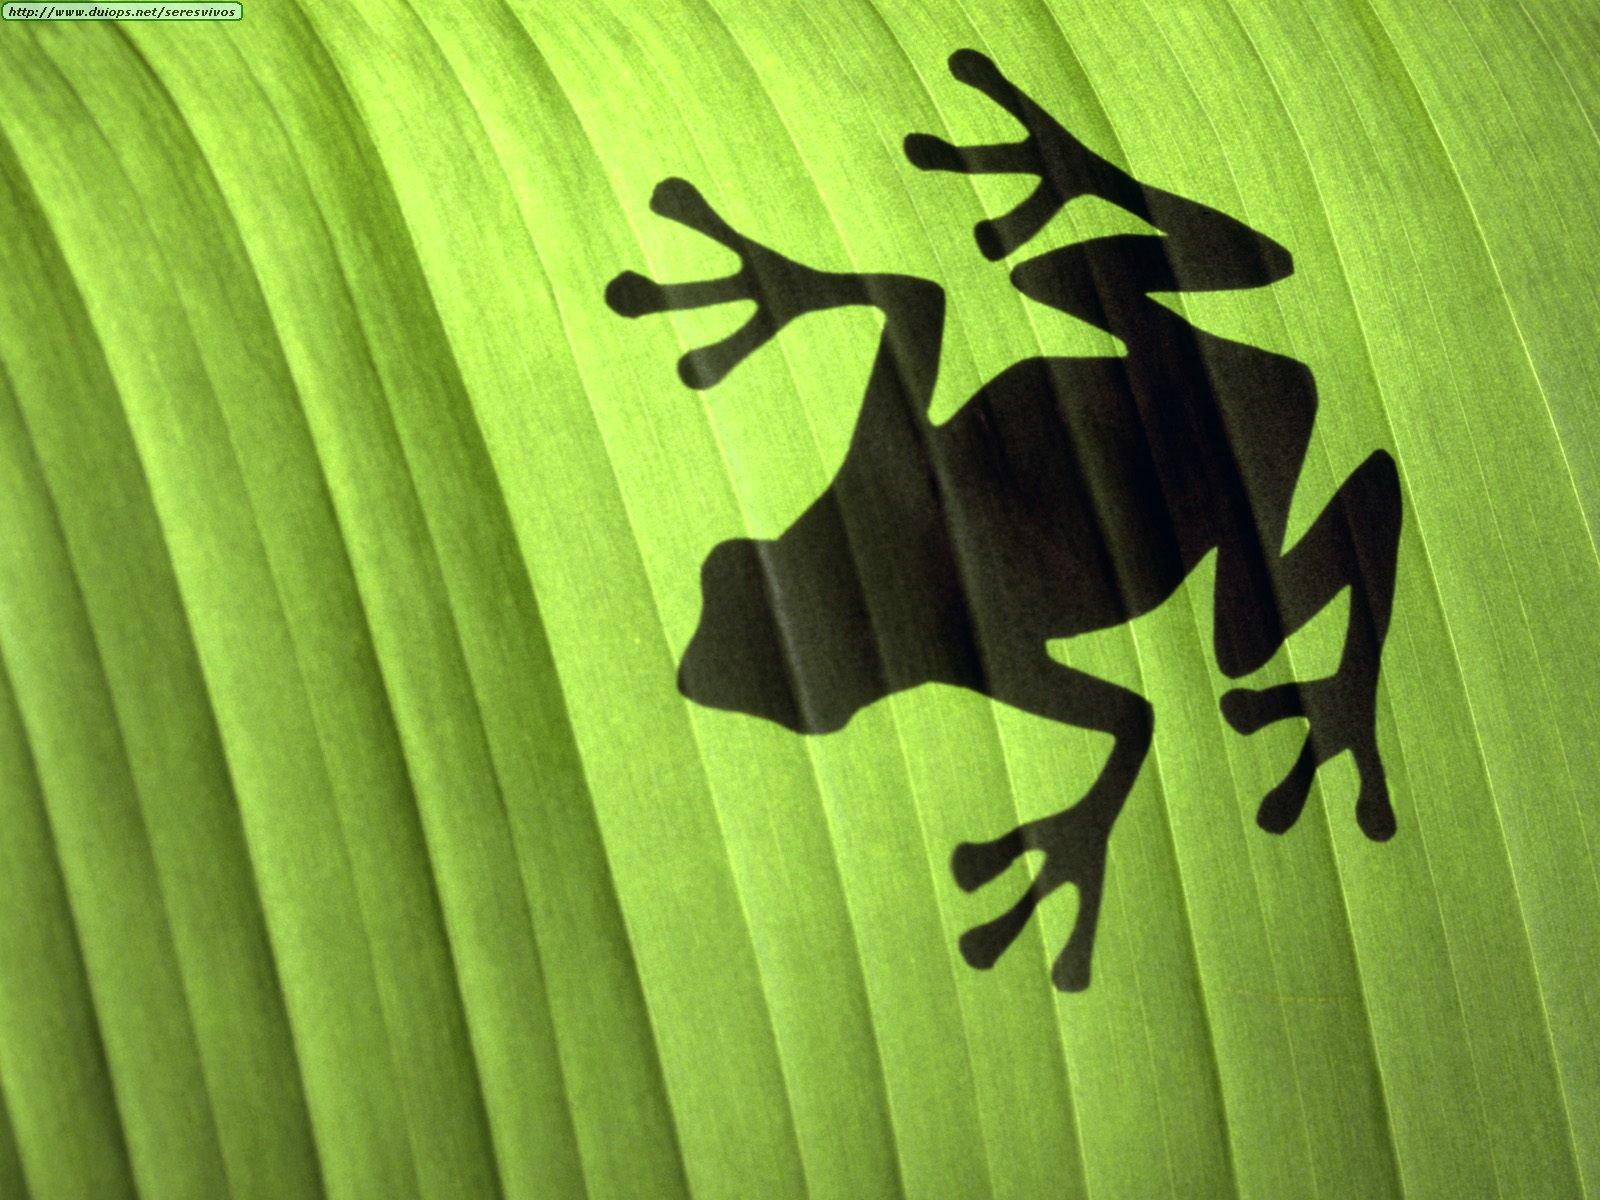 画像 壁紙 蛙 カエル のイラスト画像大量 素材 Naver まとめ